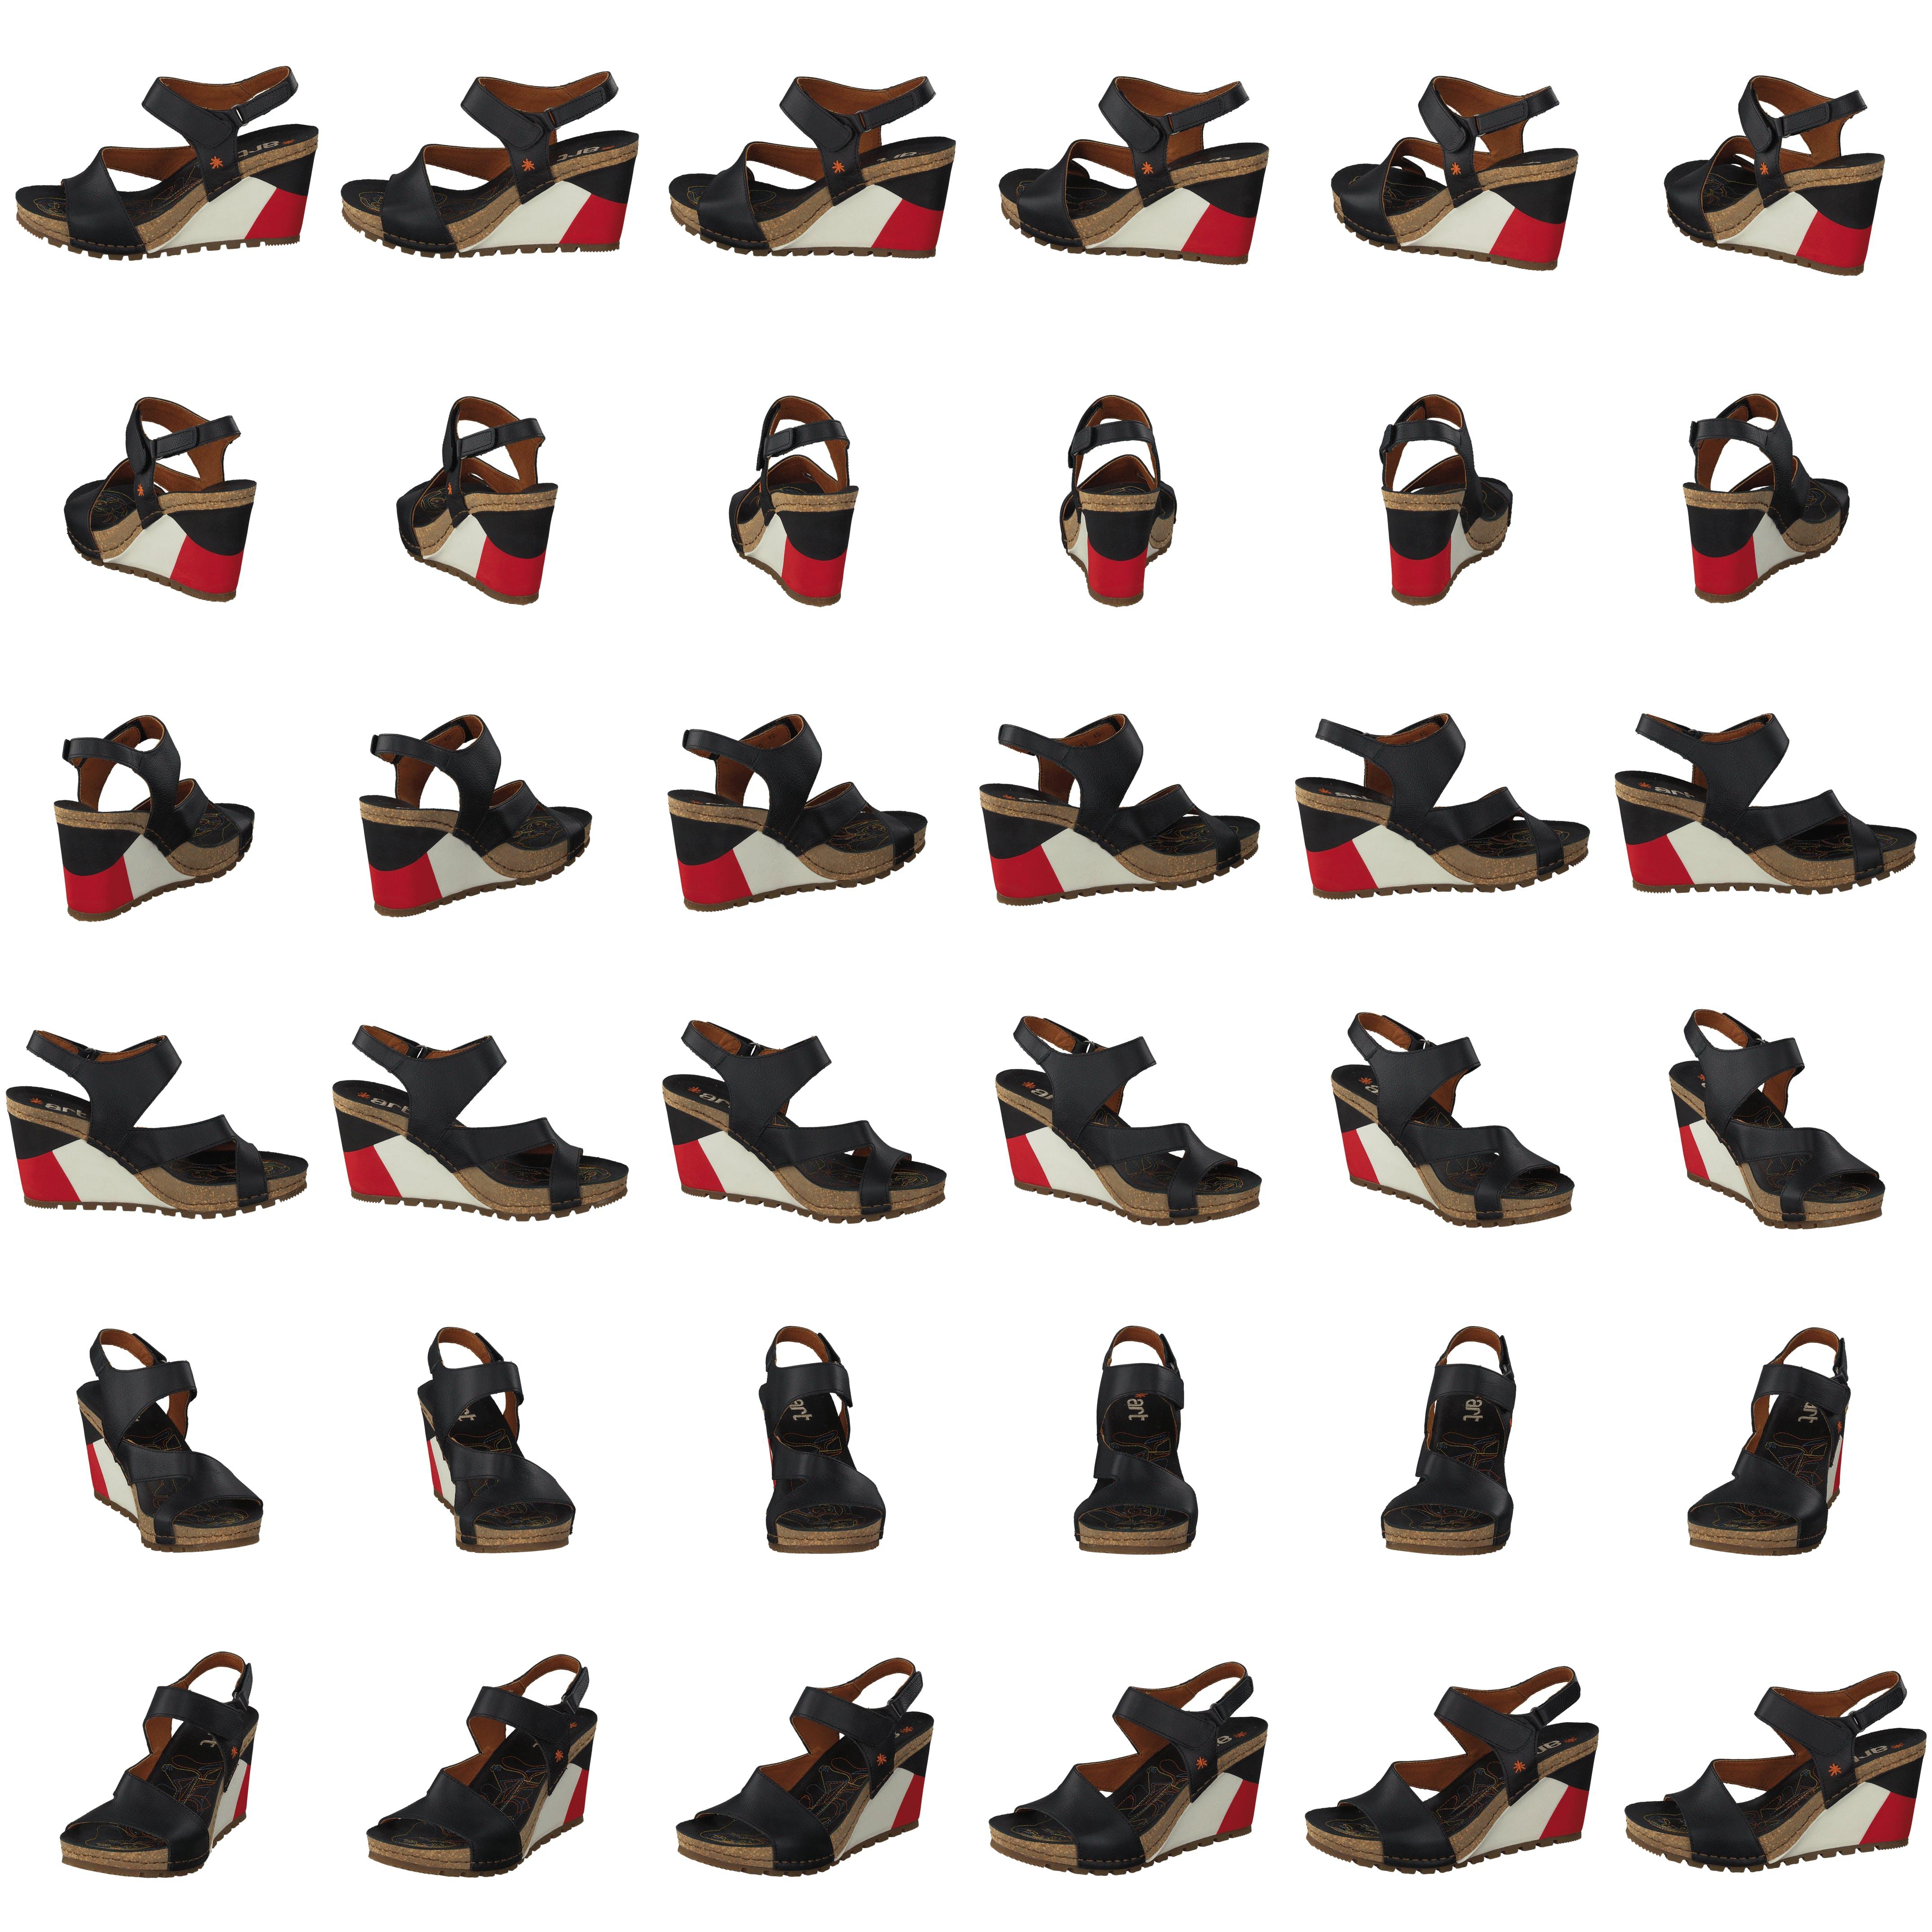 Acheter Art Guell Online Black Chaussures Noirs 2IEDH9